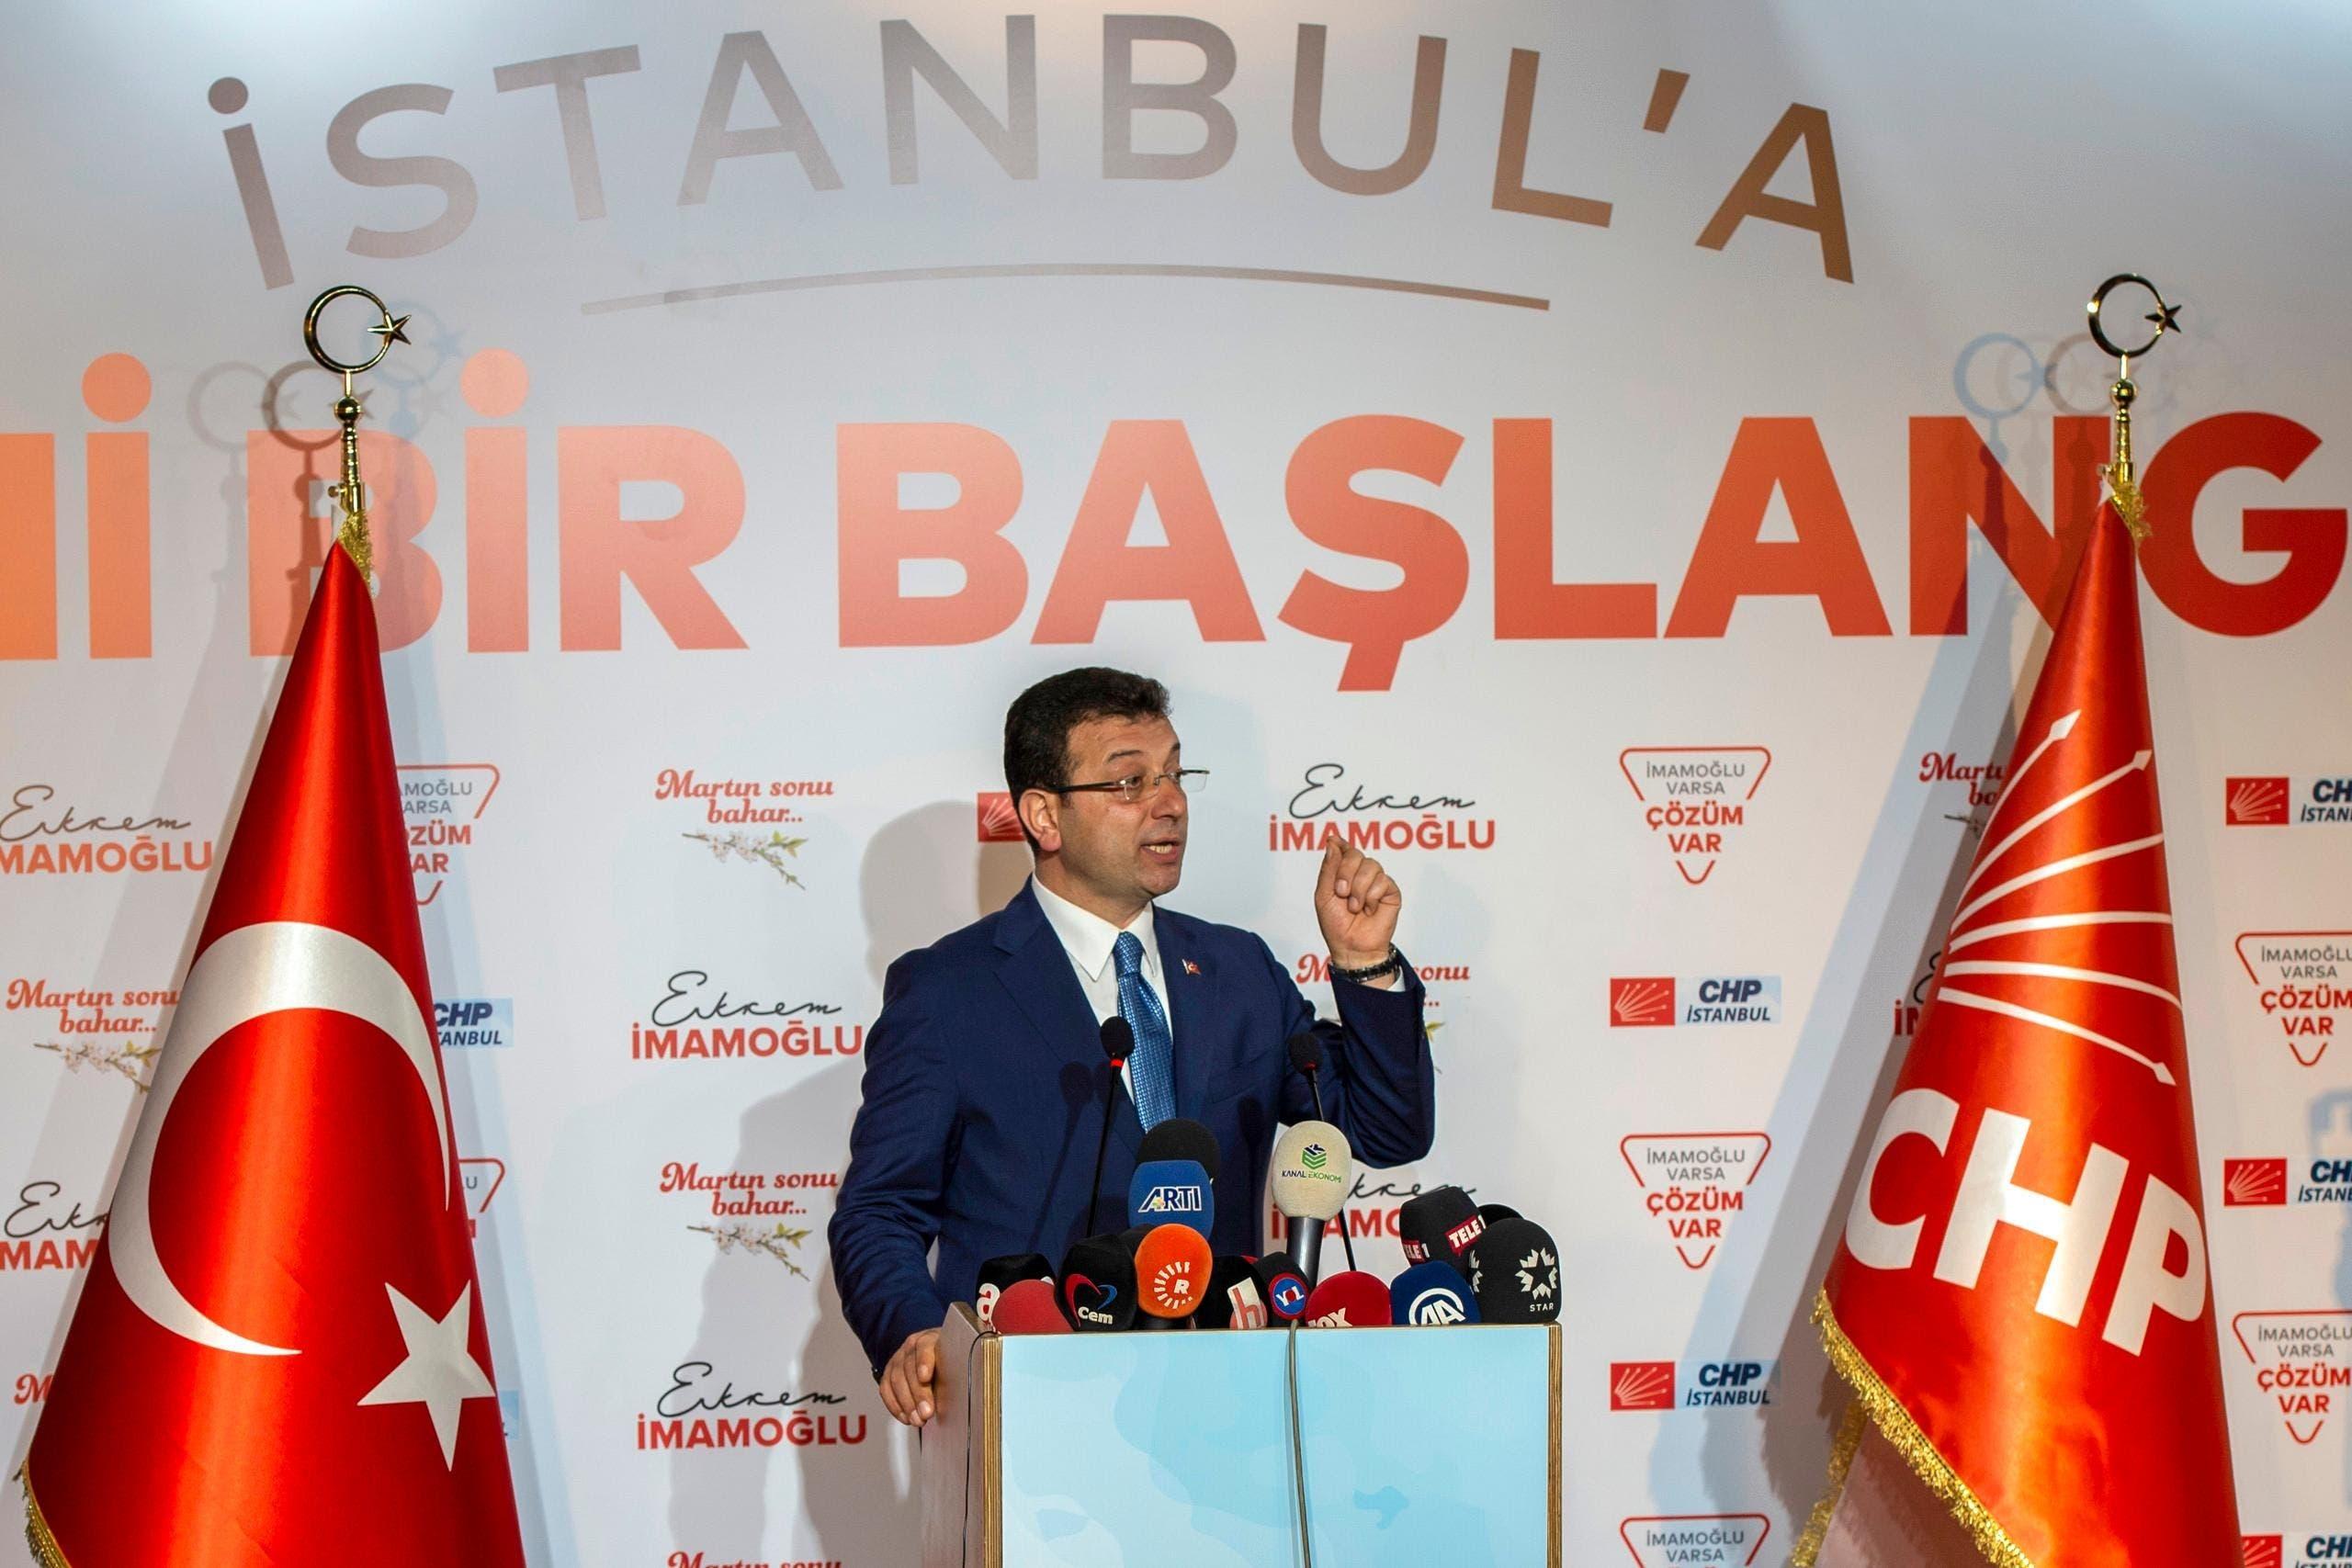 اکرم امام اغلو نامزد اپوزیسیون در انتخابات شهرداری استانبول